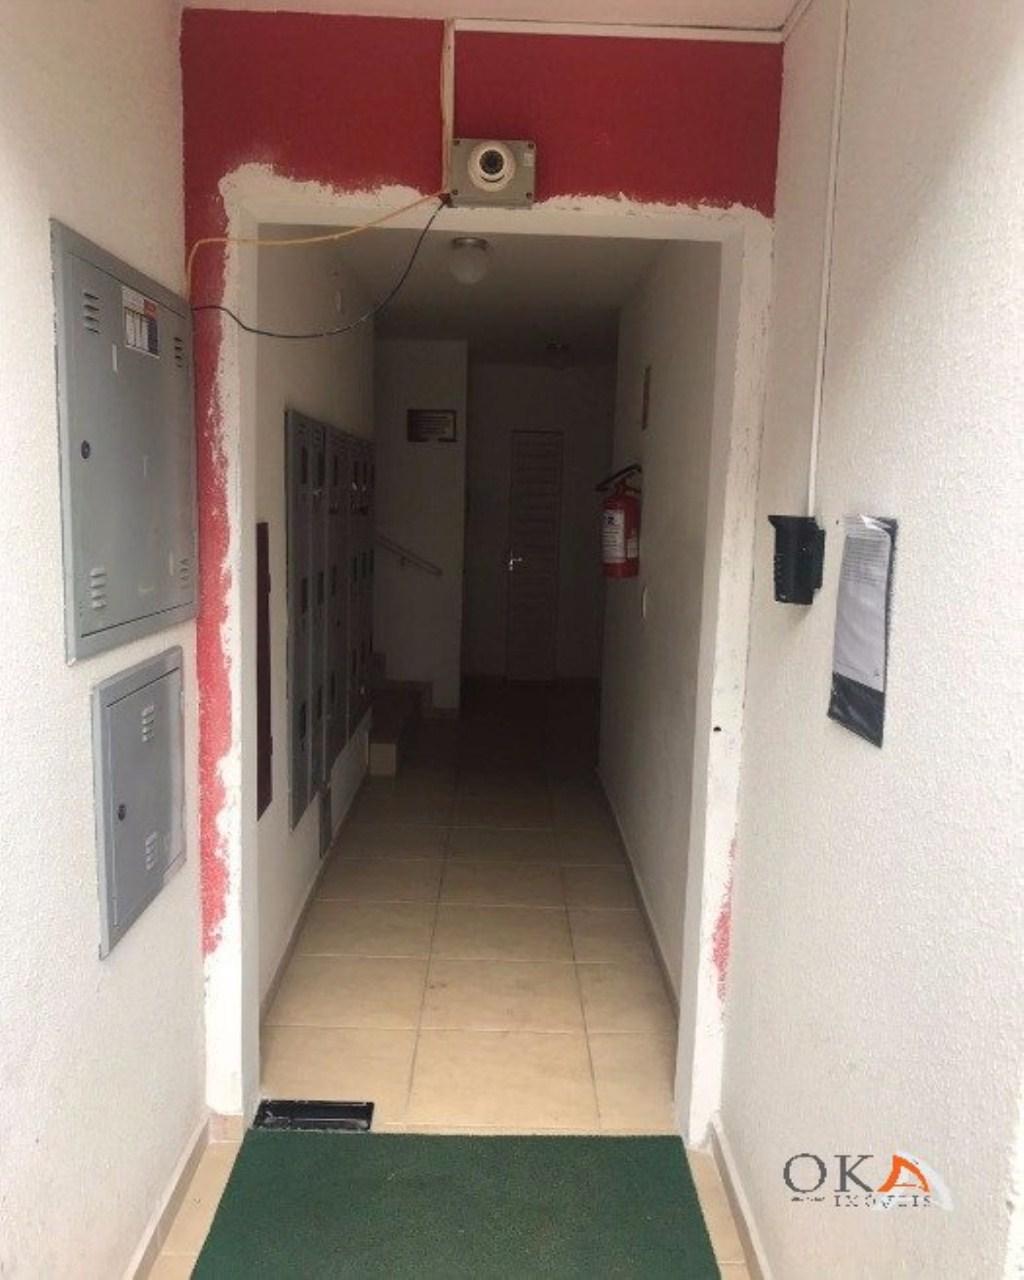 Apartamento 02 Dormitórios 40m² no Campo de Santana é na Oka Imóveis